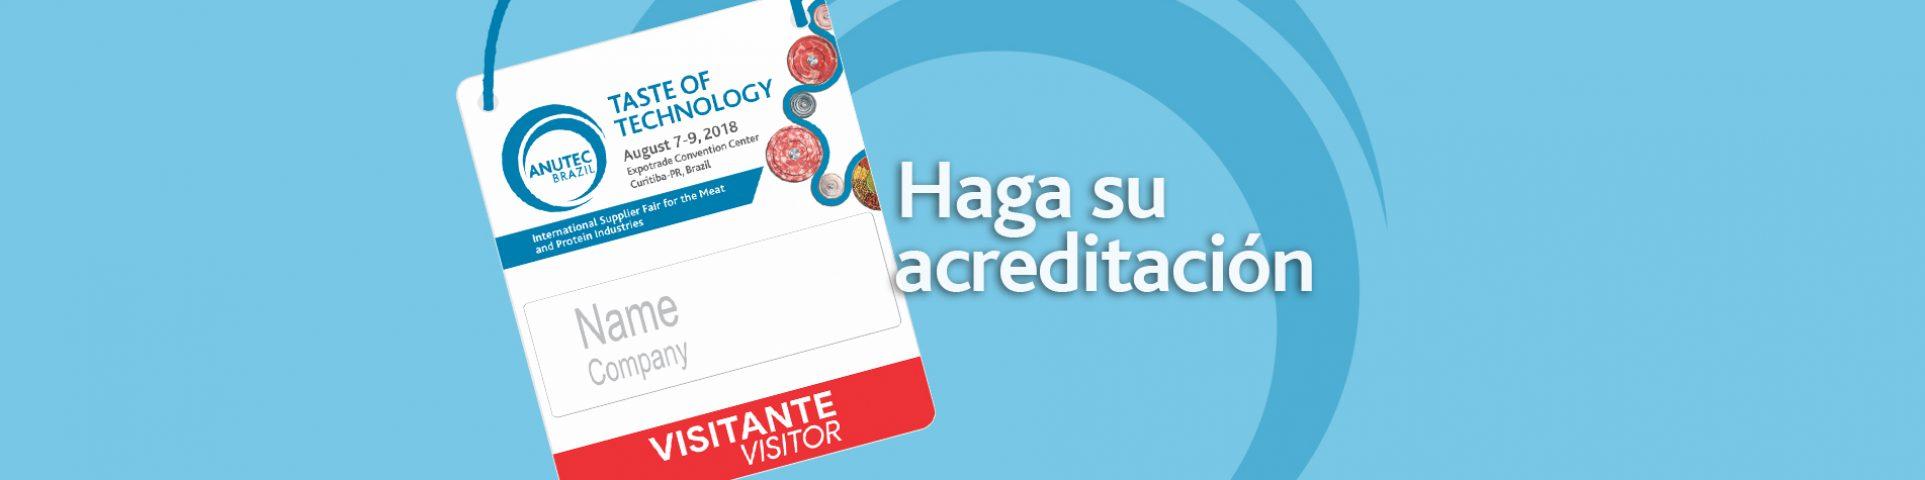 anutec_brazil_credenciamento_esp_2